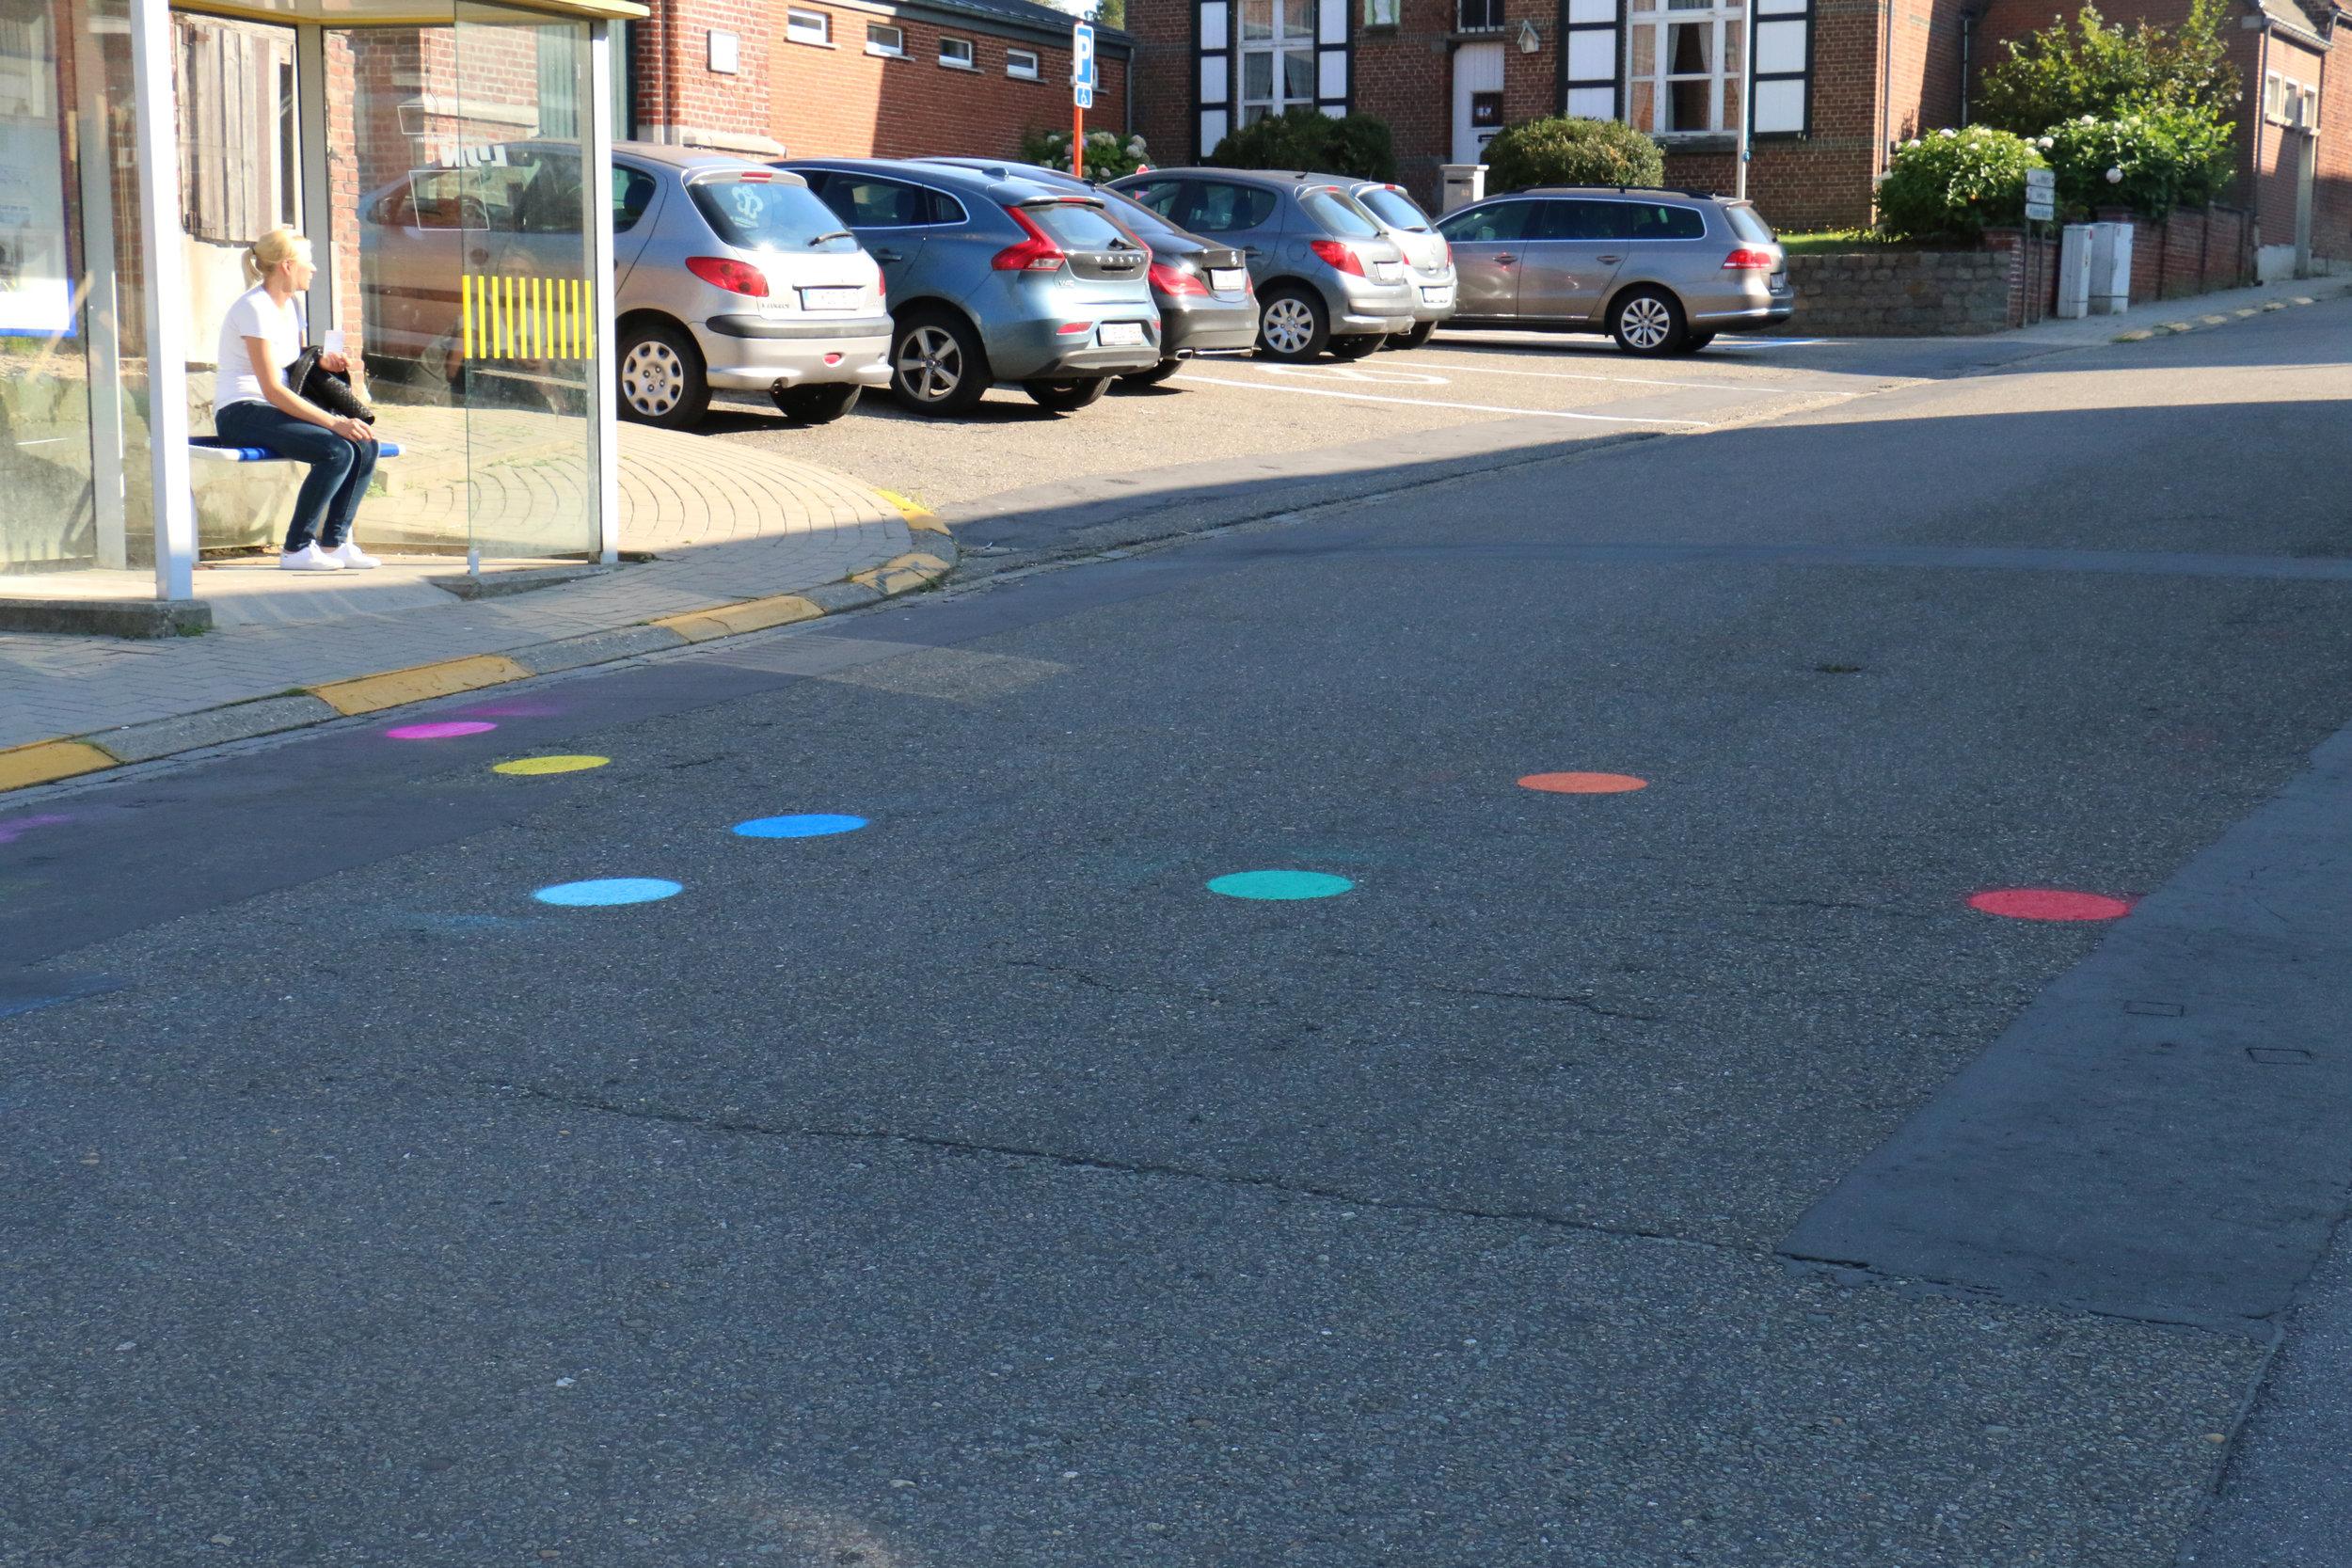 Aanwezigheid in het straatdbeeld 'Oud-Heverlee Kunstroute'